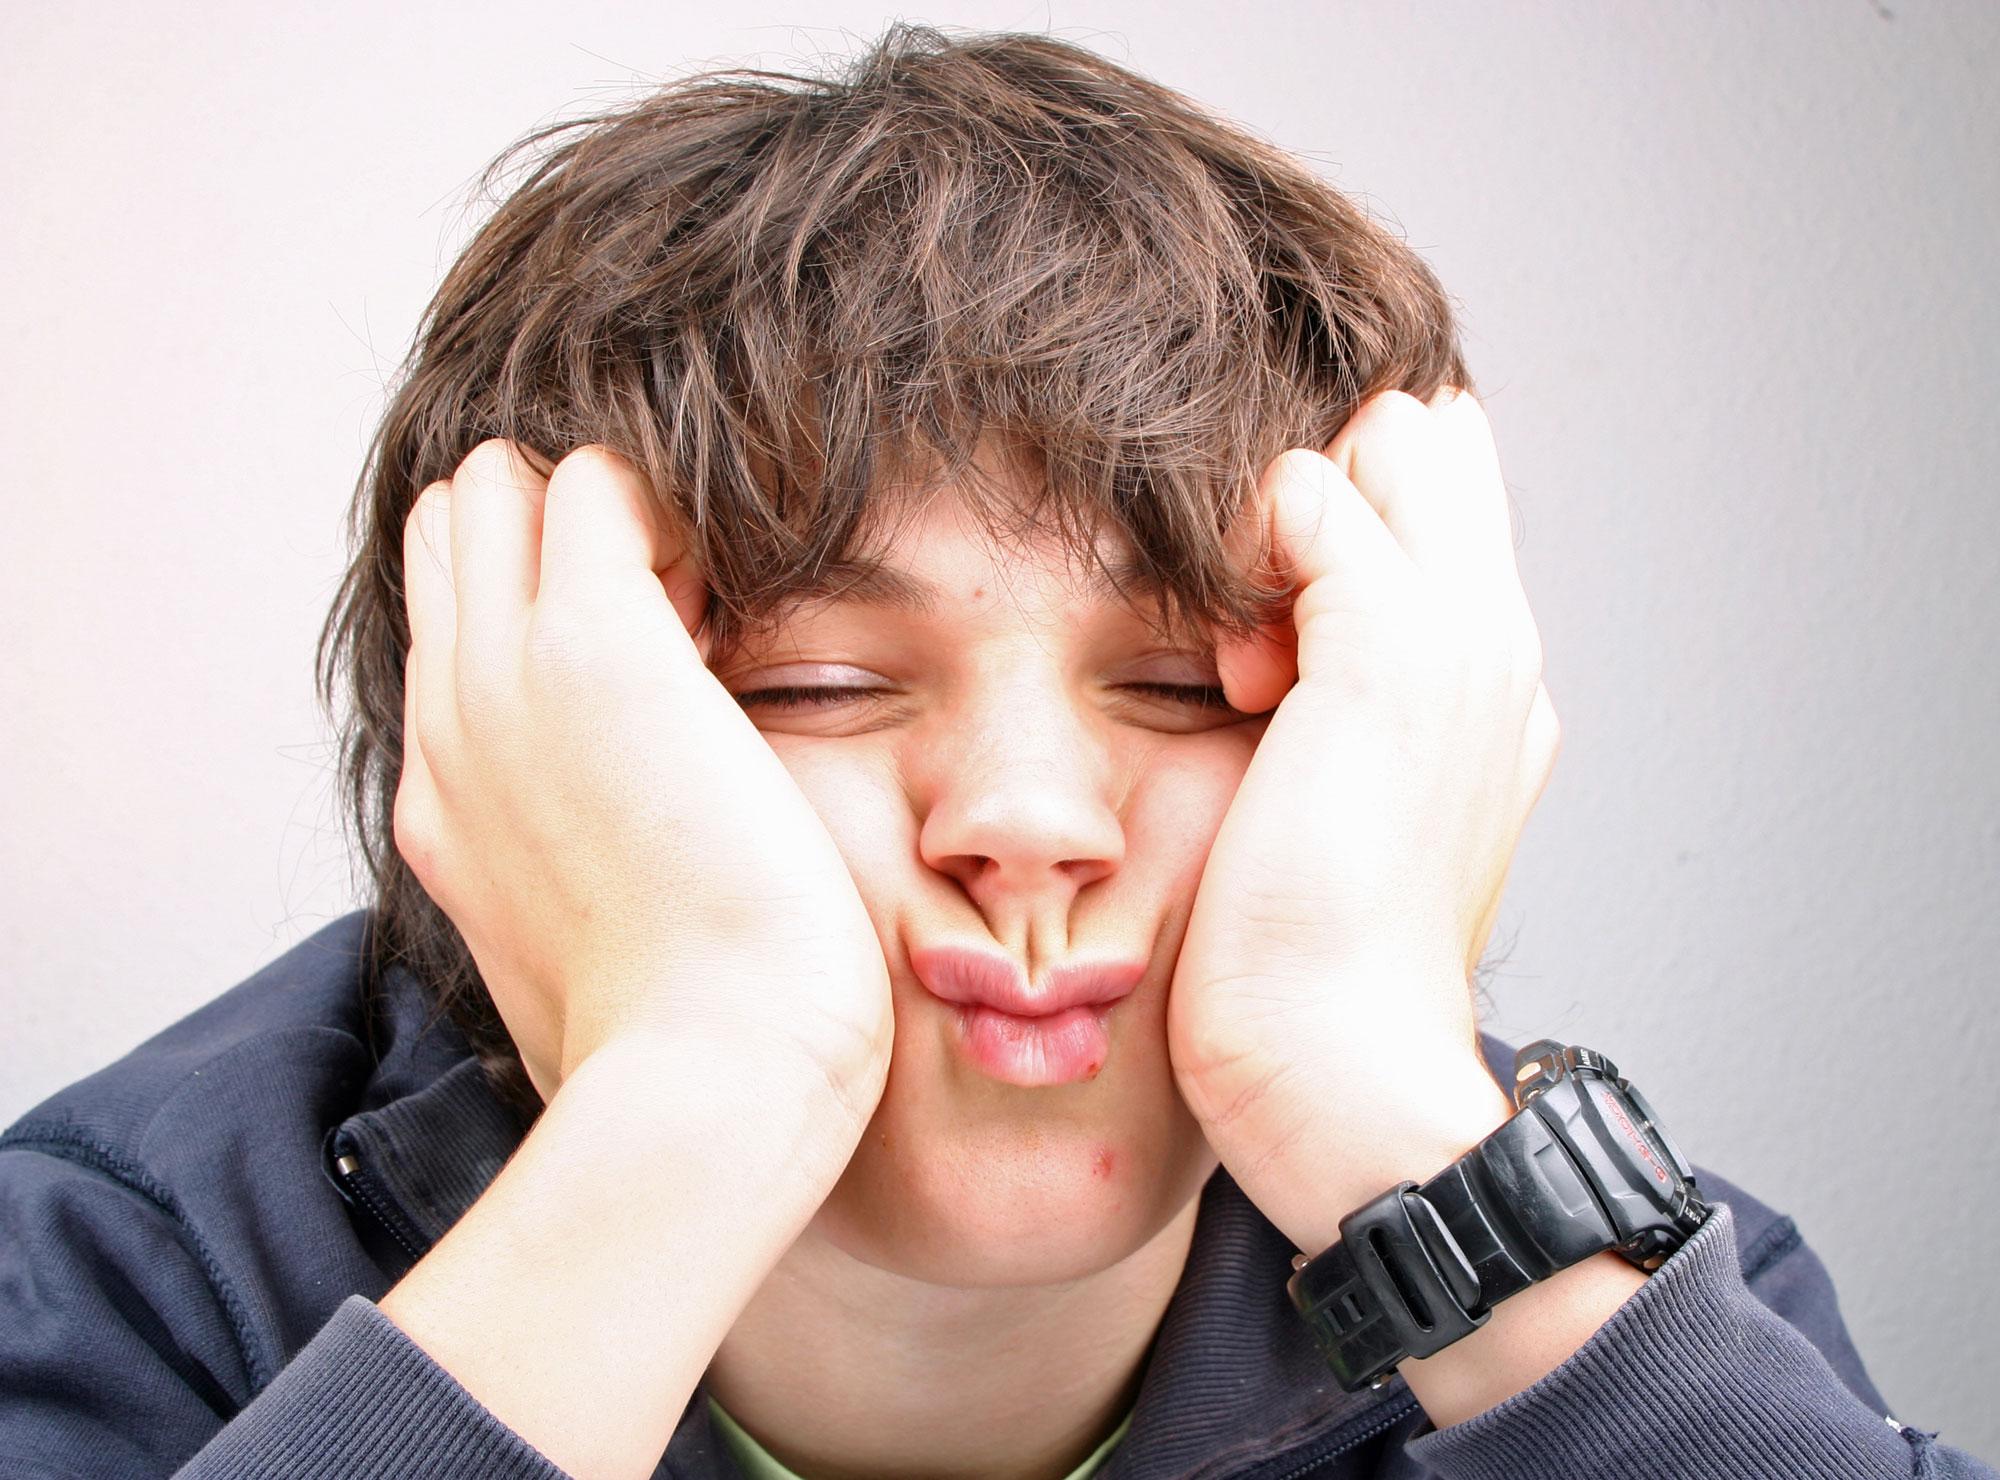 Probleme mit teenager sohn